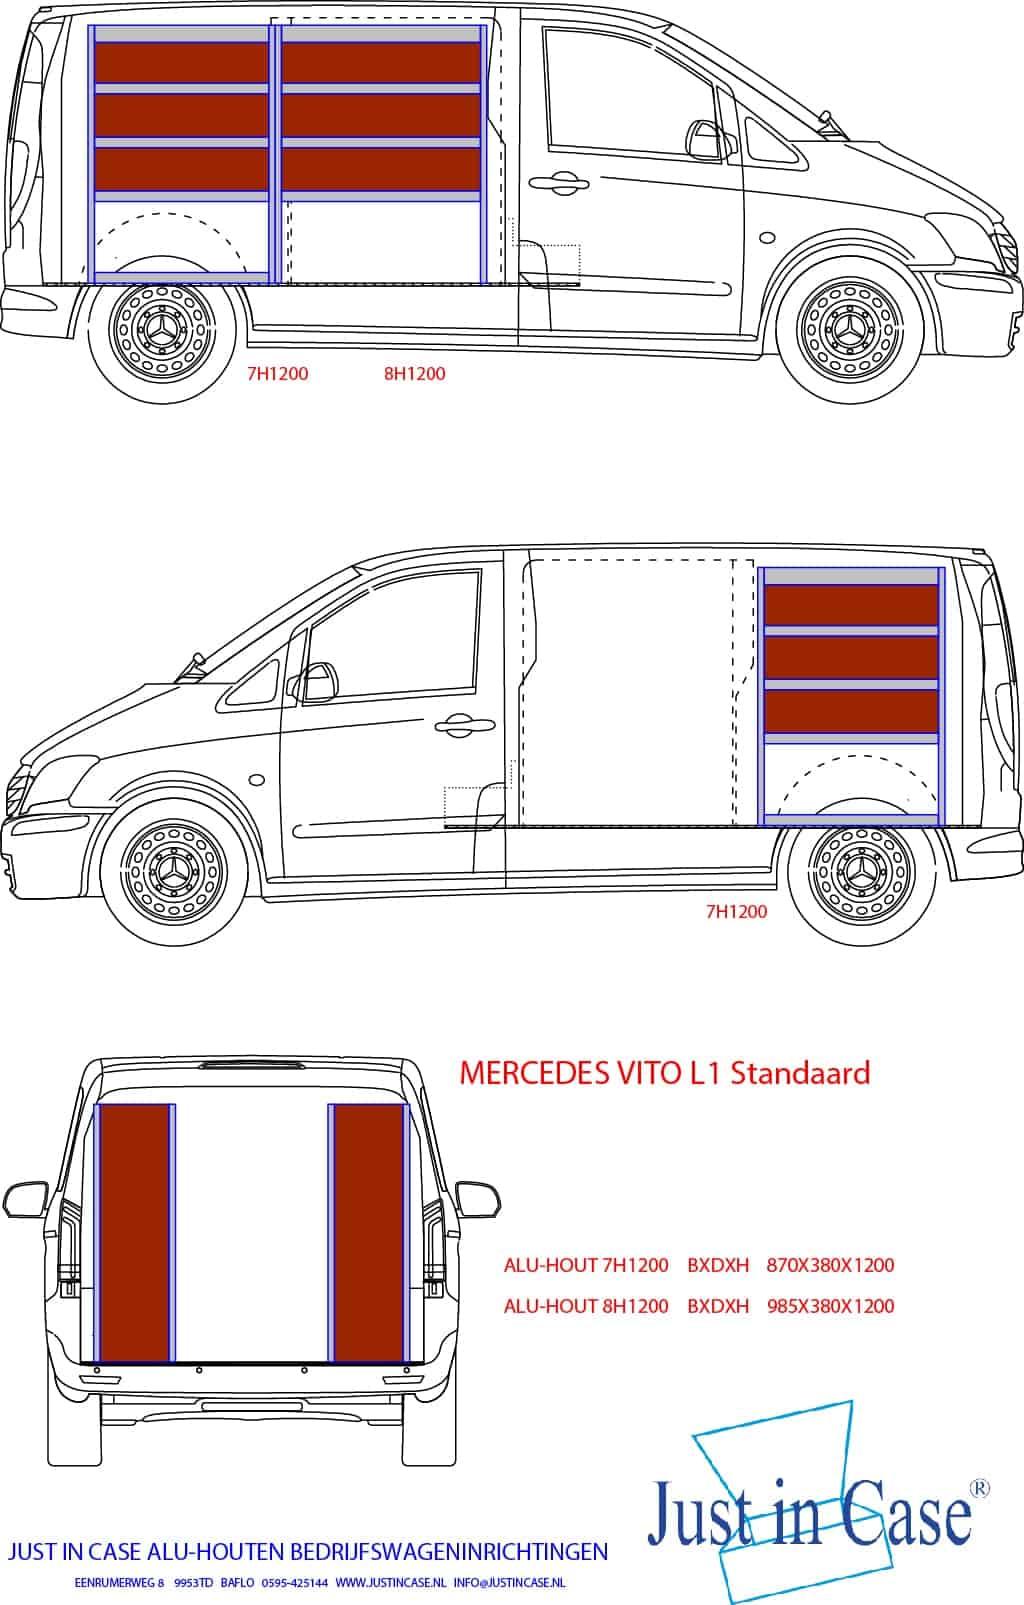 Mercedes Vito bedrijfswagen inrichten